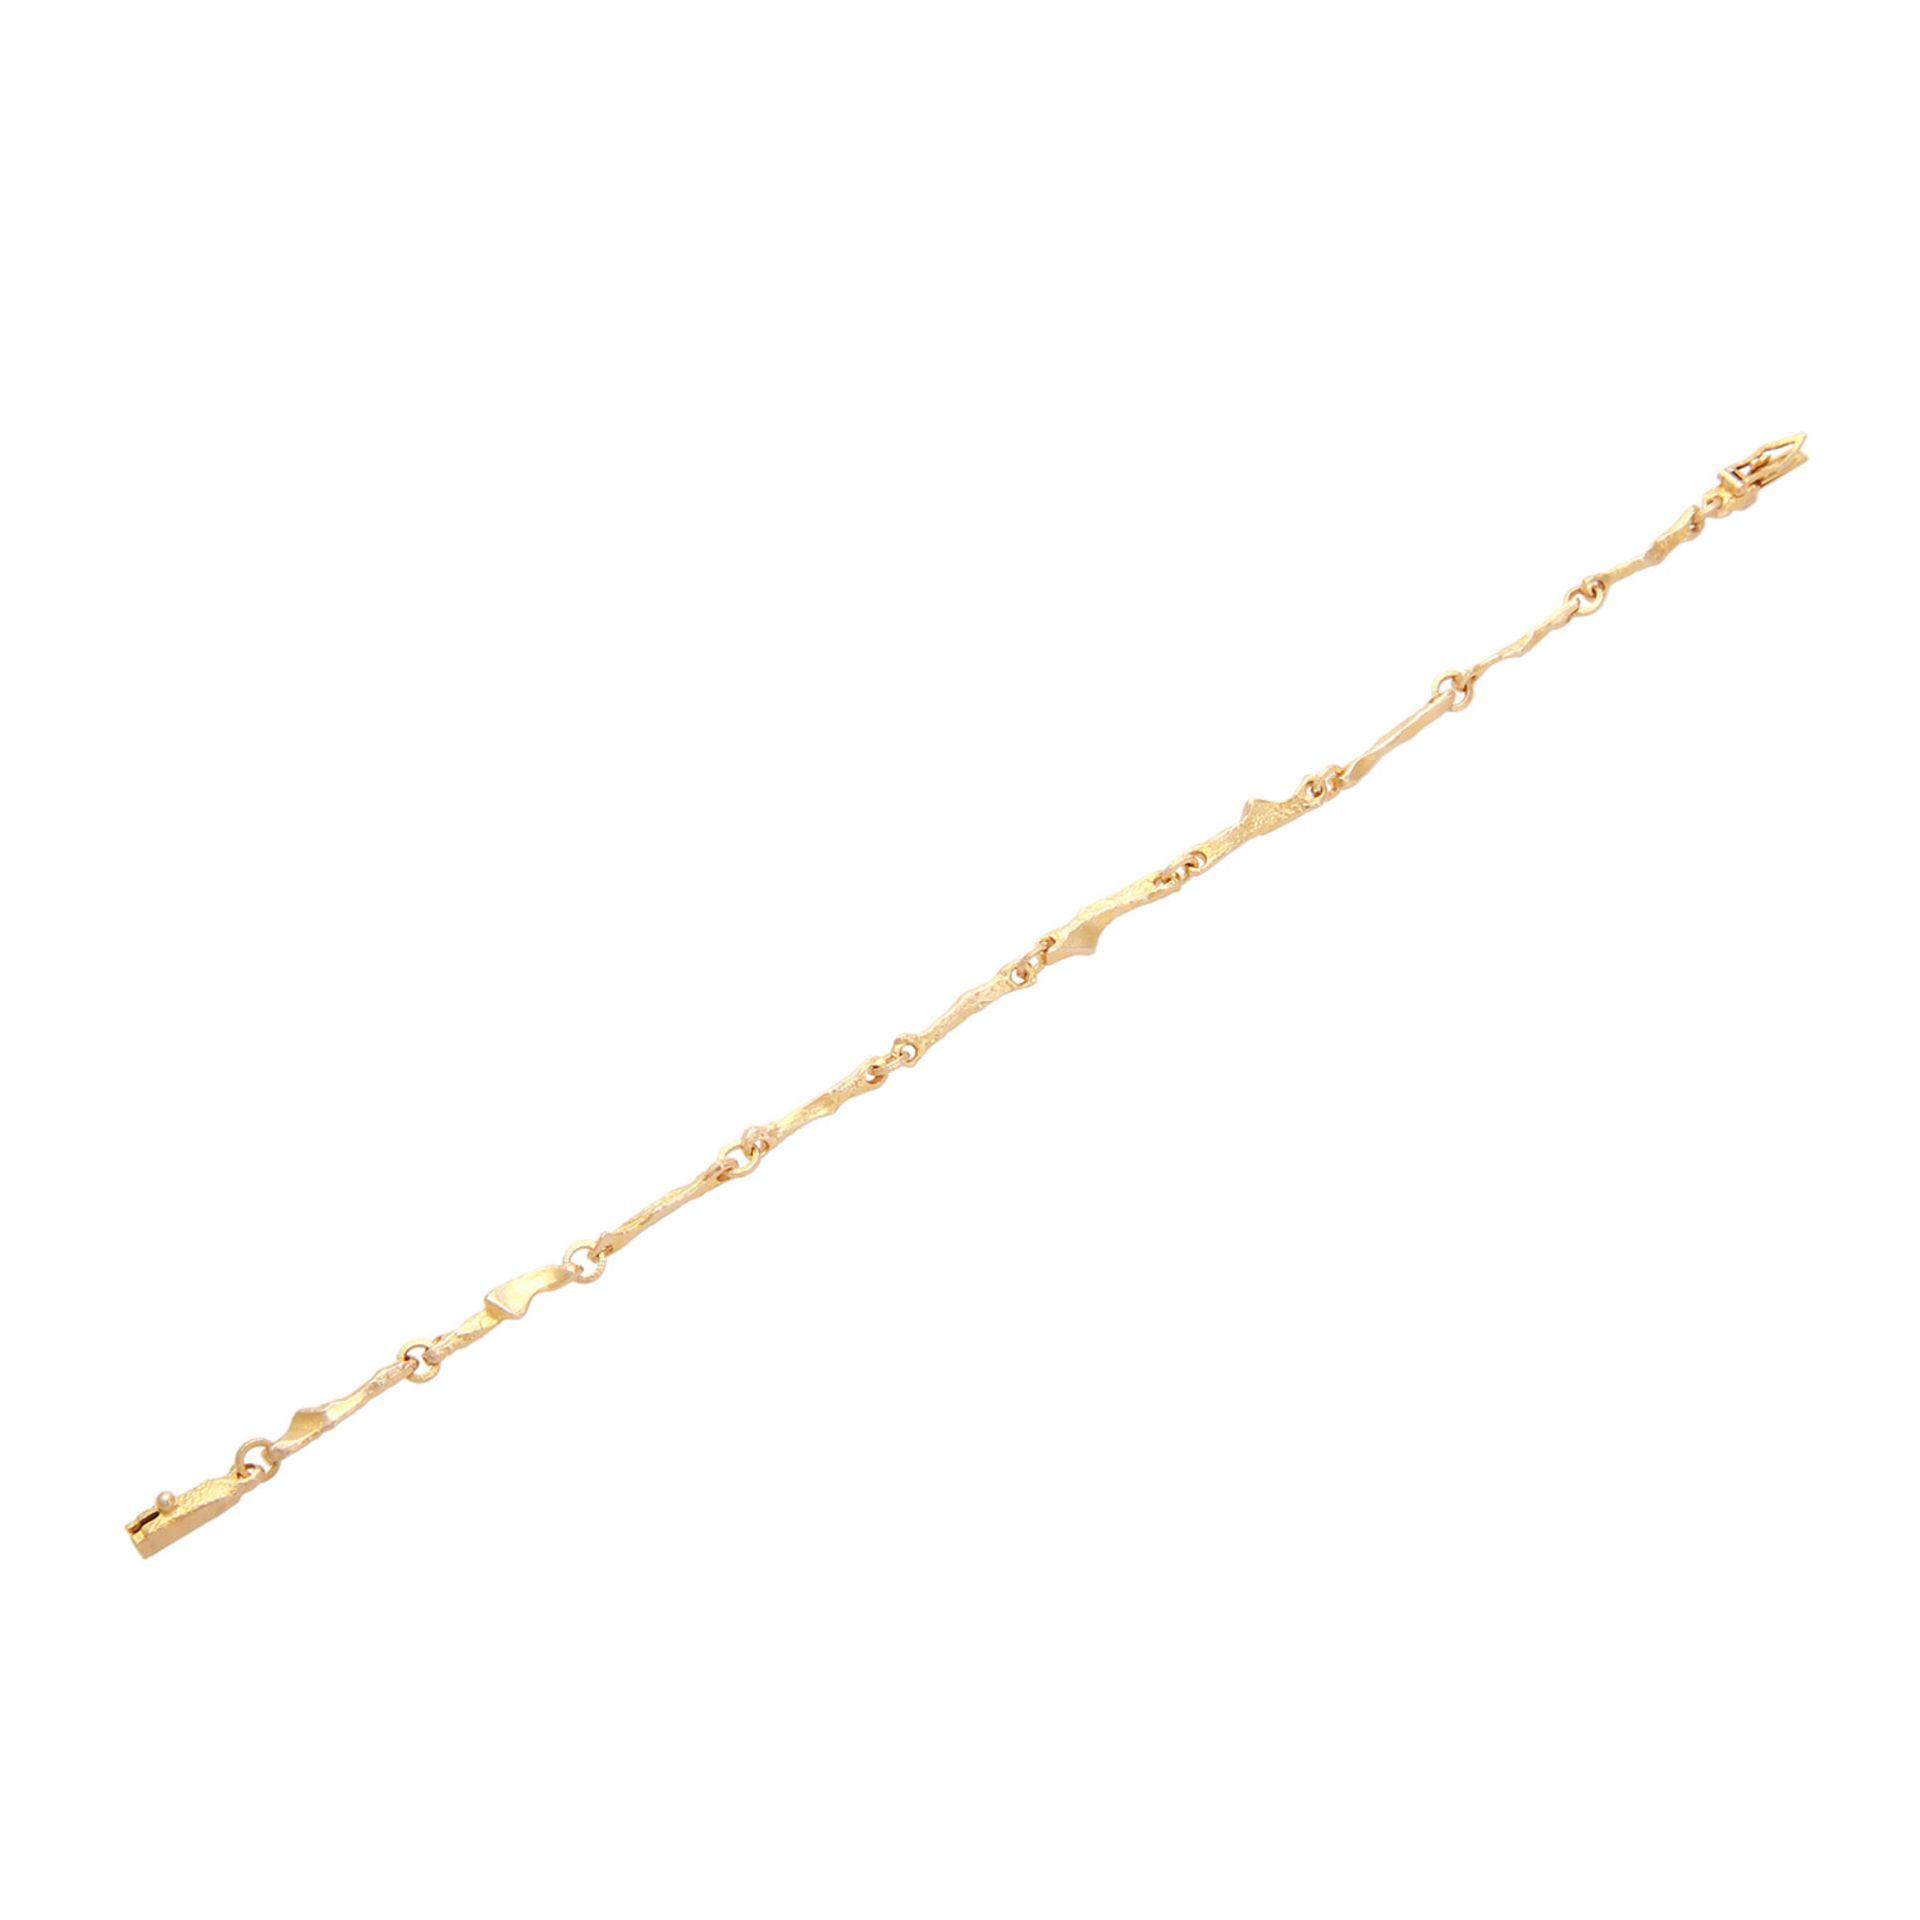 Los 143 - LAPPONIA Set Kette mit Armband, Nr. D8, GG 14K, L: 42,5 cm und 18,5 cm.